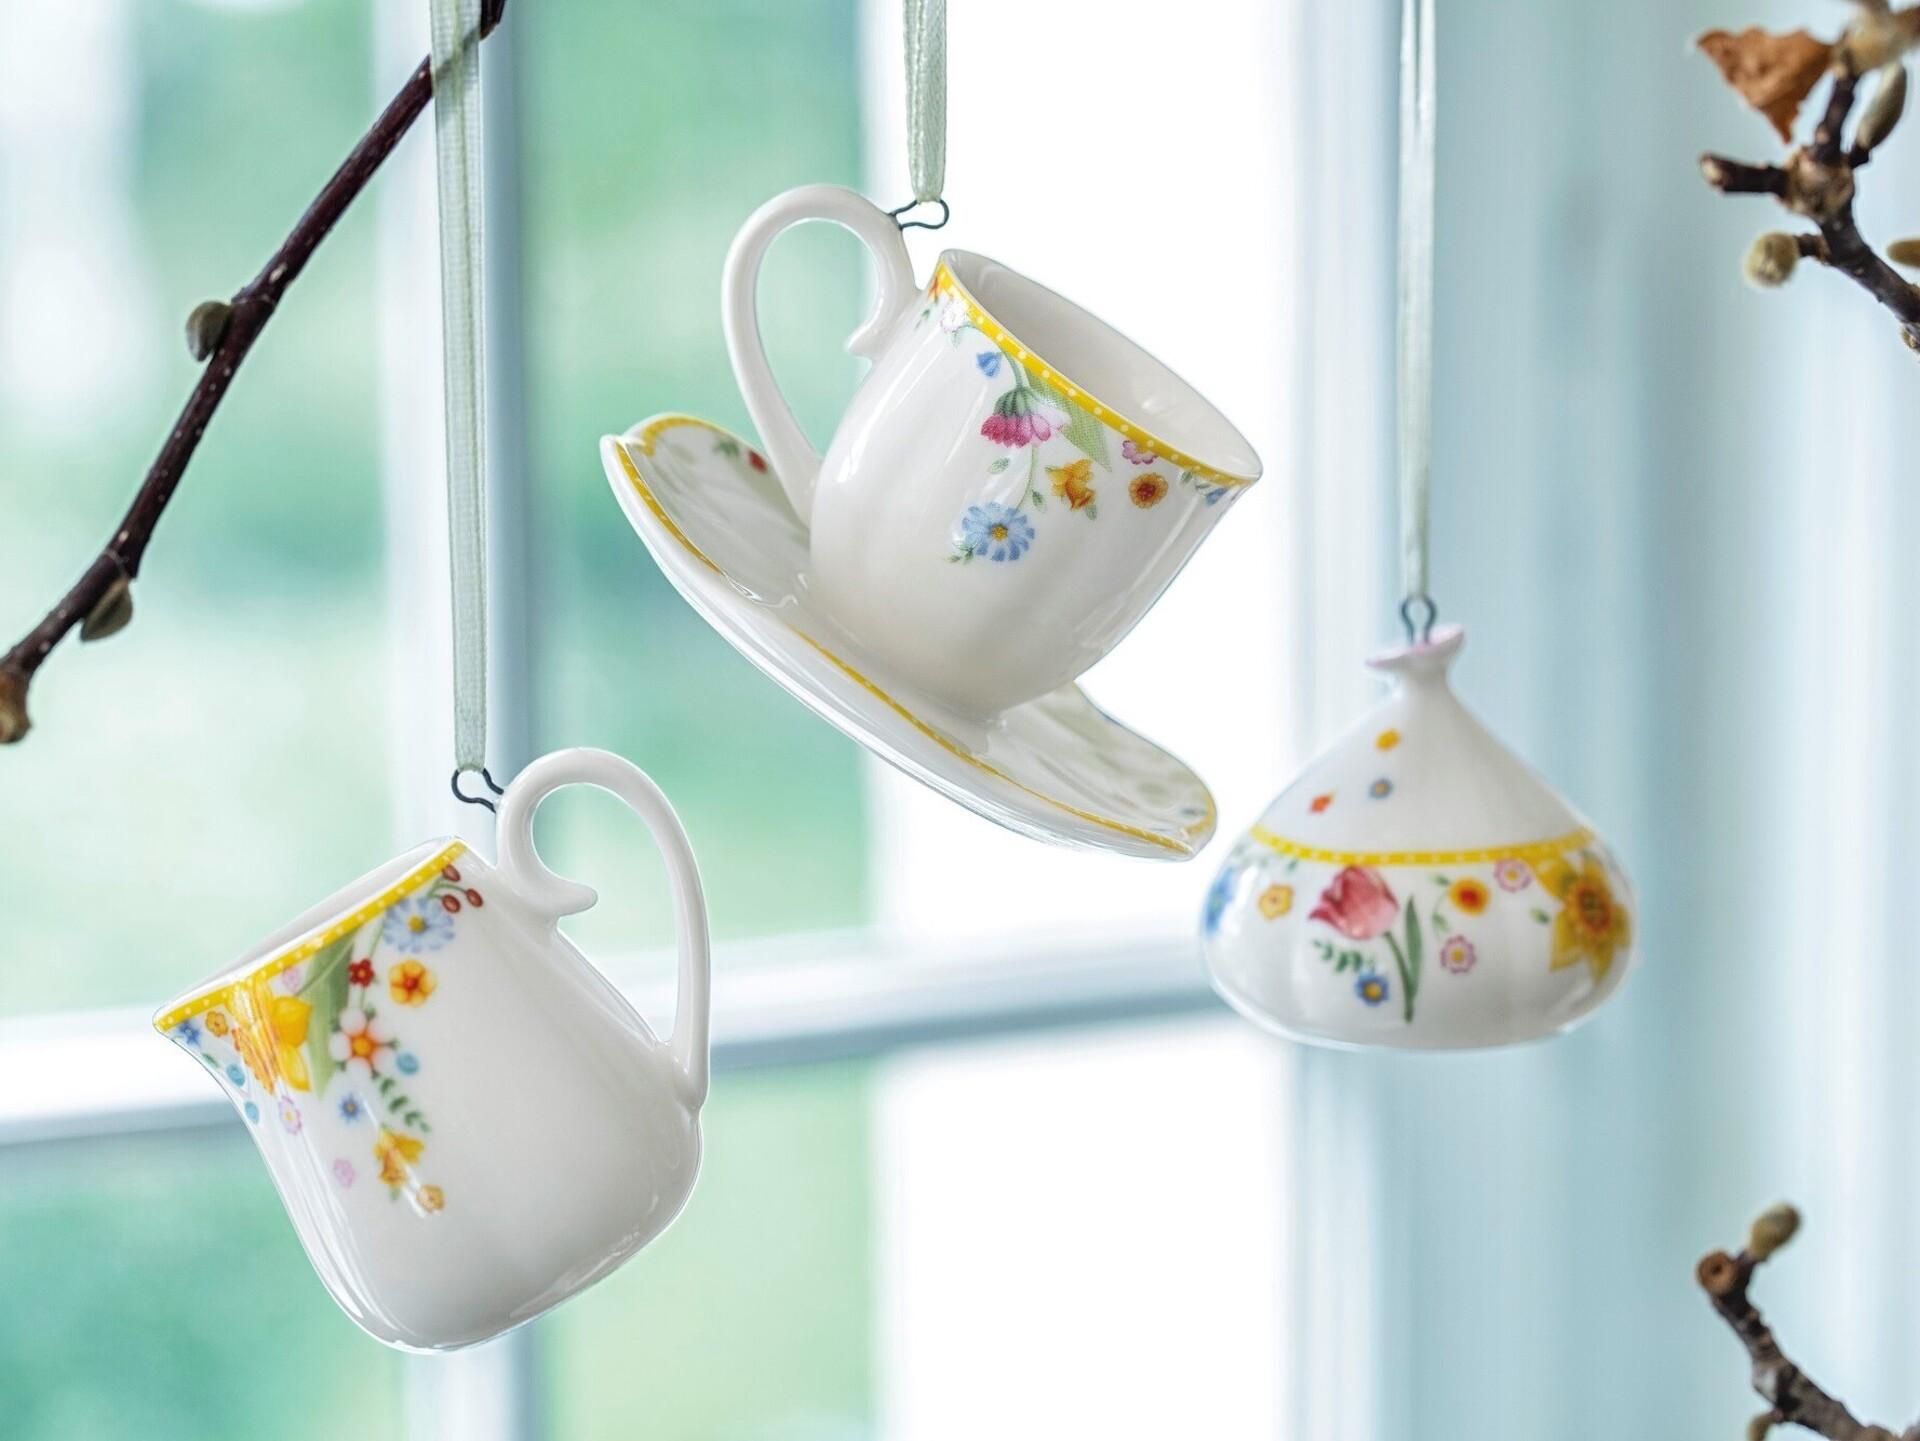 oster fenster bemalen ideen  goji cafe dekor